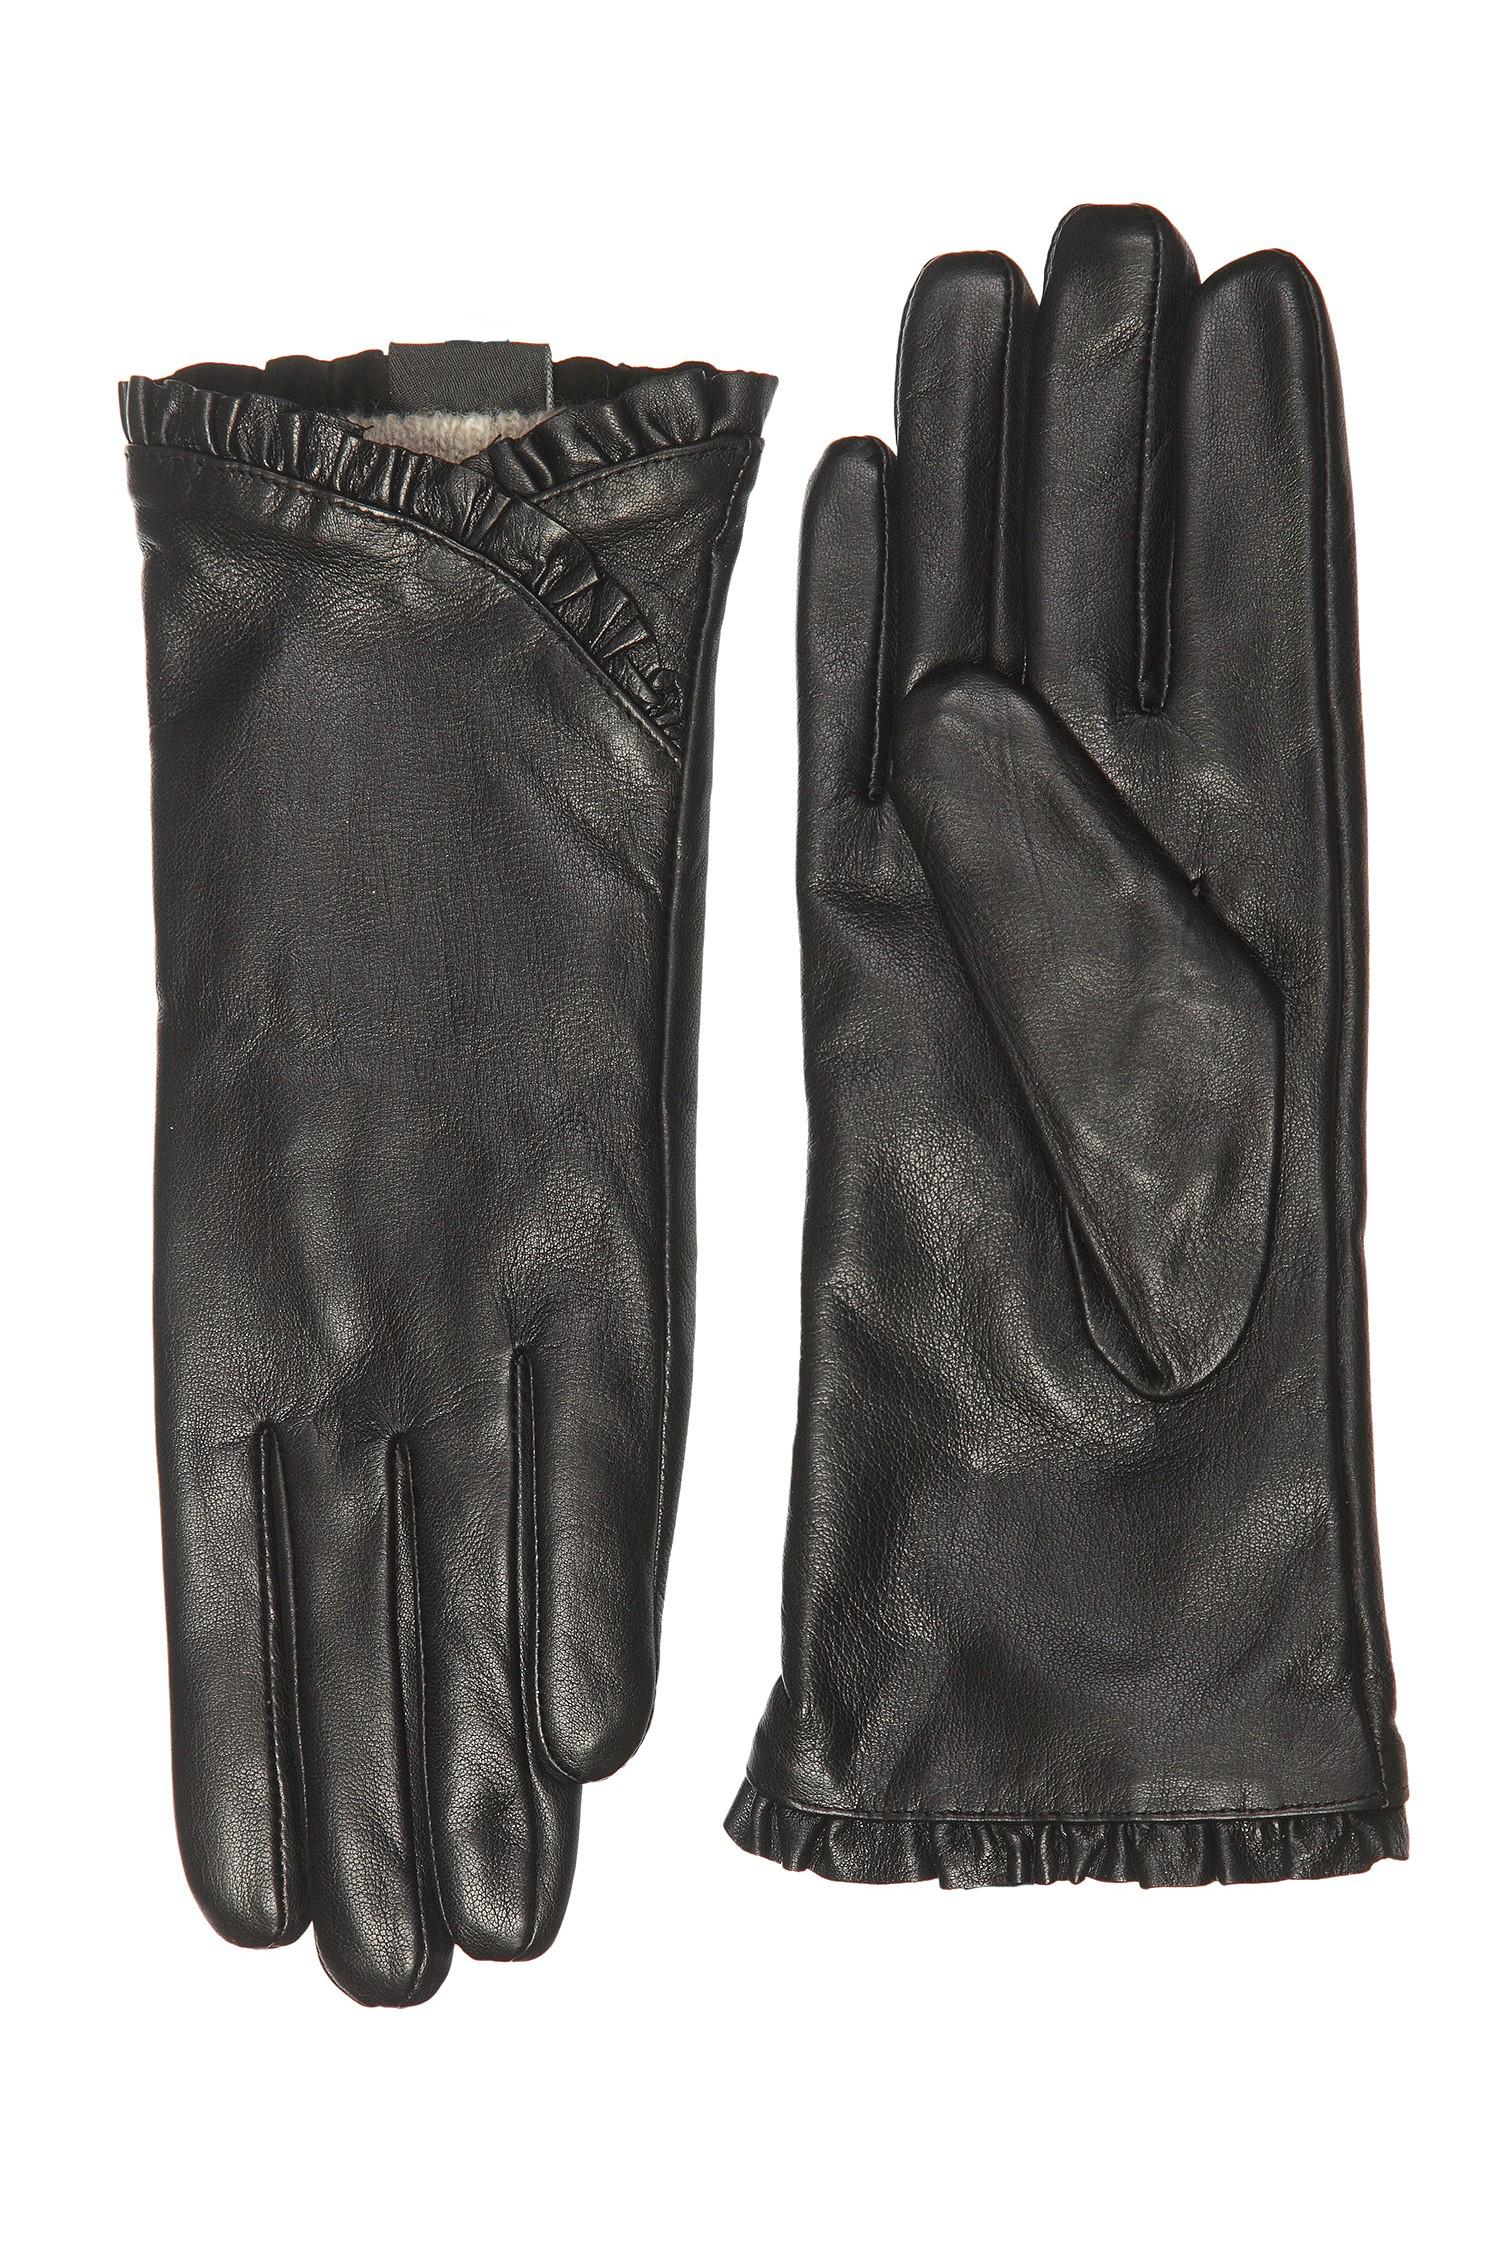 Перчатки женские из натуральной кожи<br><br>Материал: Кожа овчина<br>Цвет: черный<br>Пол: Женский<br>Размер RU: 8.5